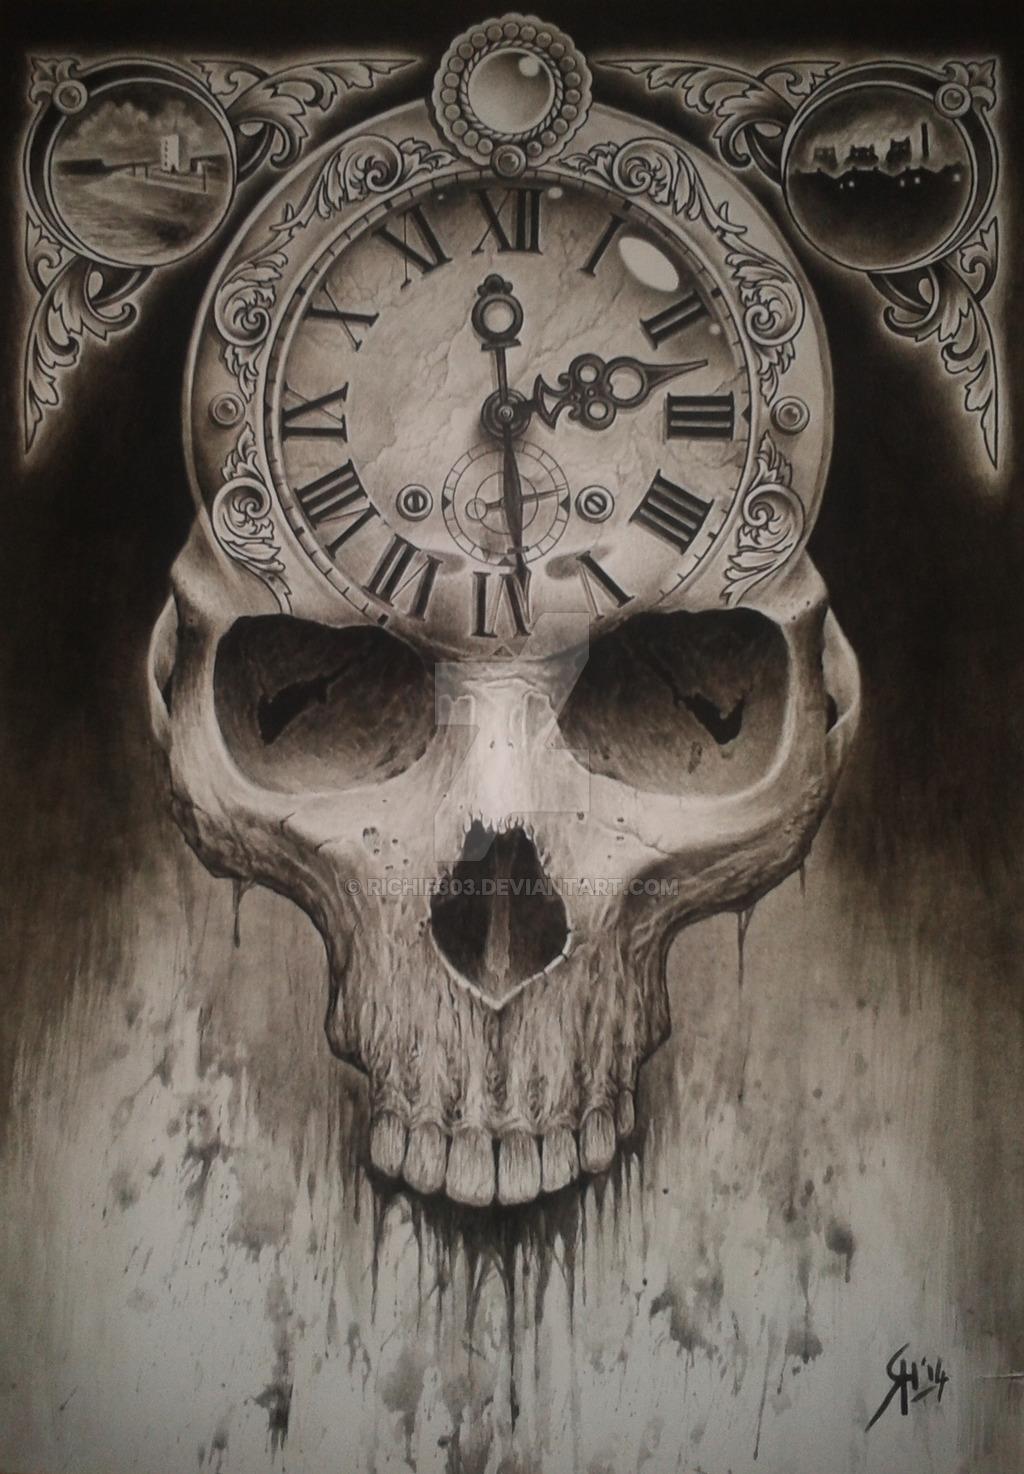 1024x1474 Skull clock tattoodesing Tattoo Draw Clocks